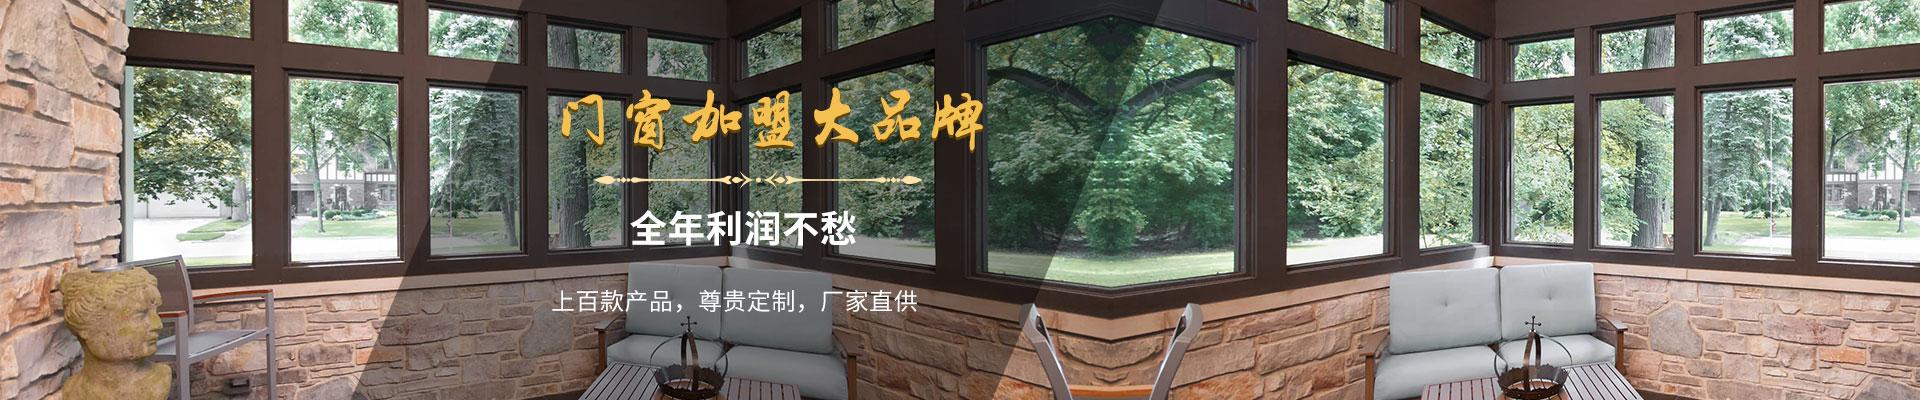 门窗加盟大品牌,全年利润不愁-穗福